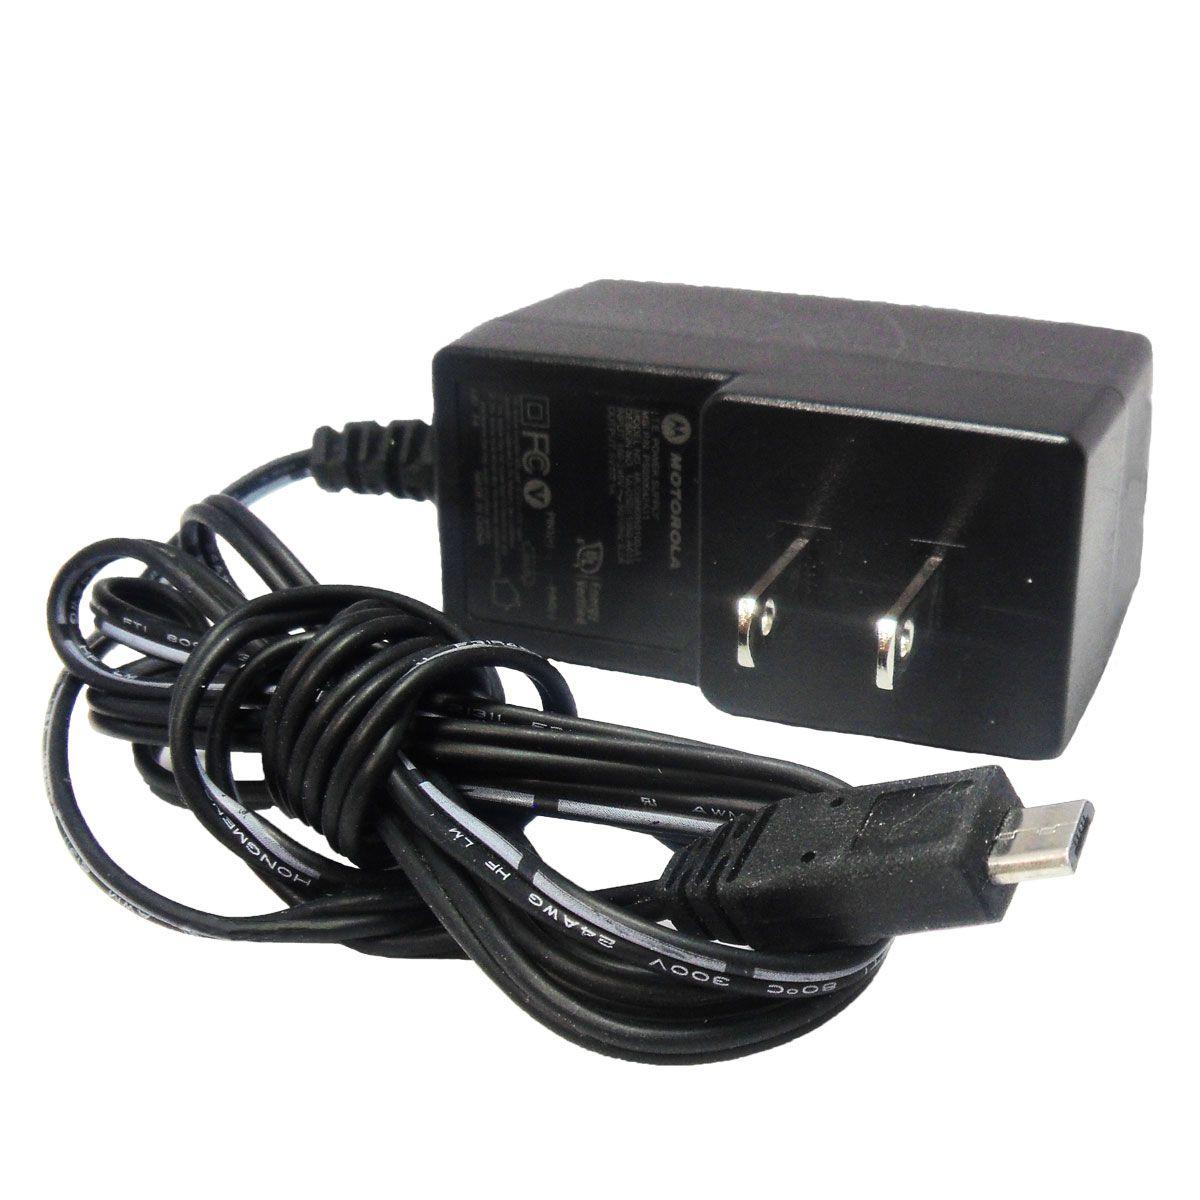 Cargador individual Motorola PS000042A11 para radio SL500